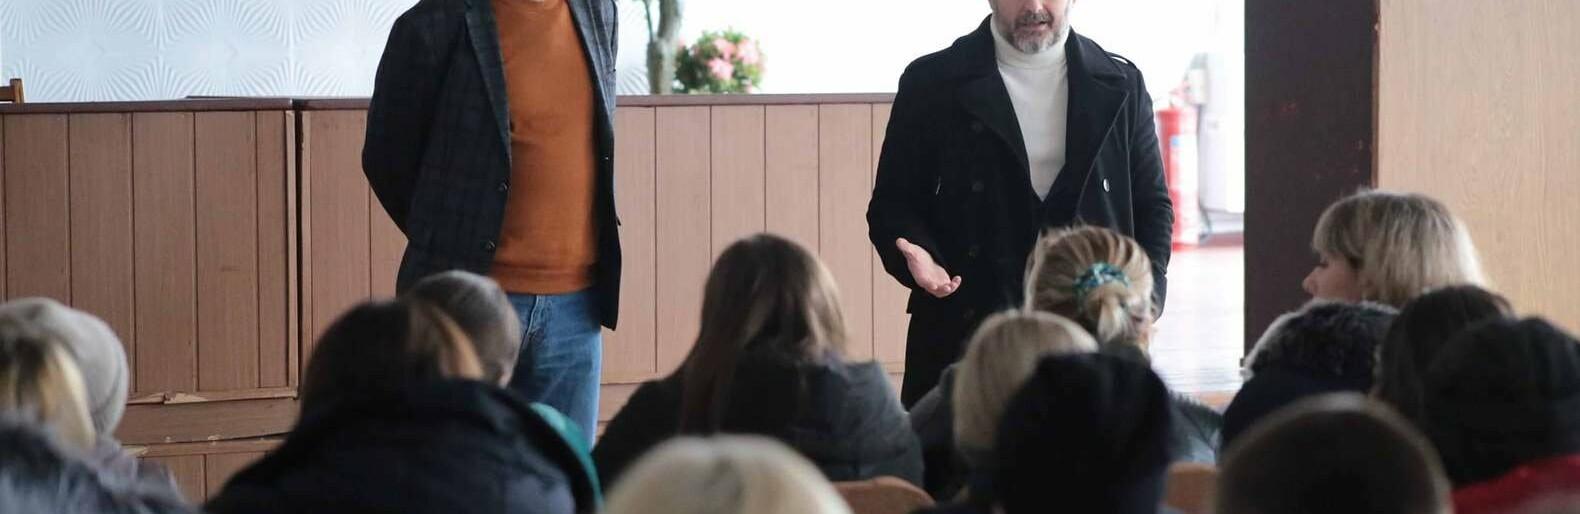 Губернатор Луганской области пообещал выплатить долги горнякам шахты «Горная» до конца недели, - ФОТО